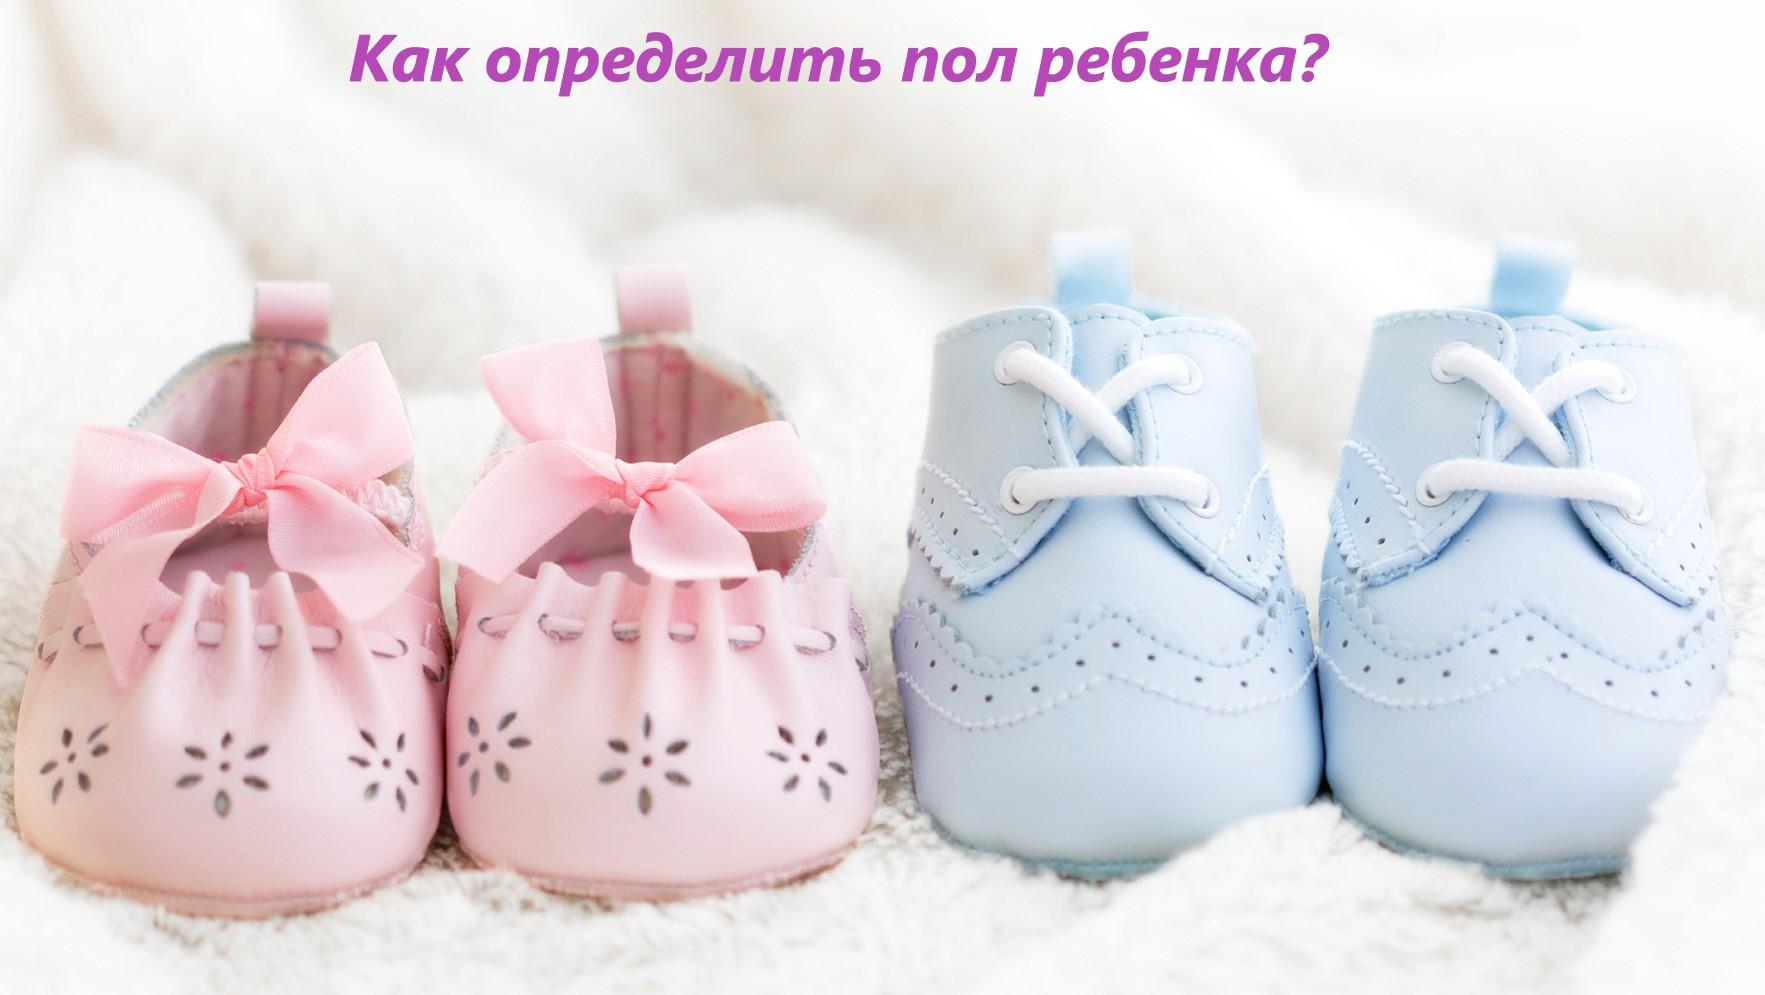 Я беременна как узнать пол будущего ребенка